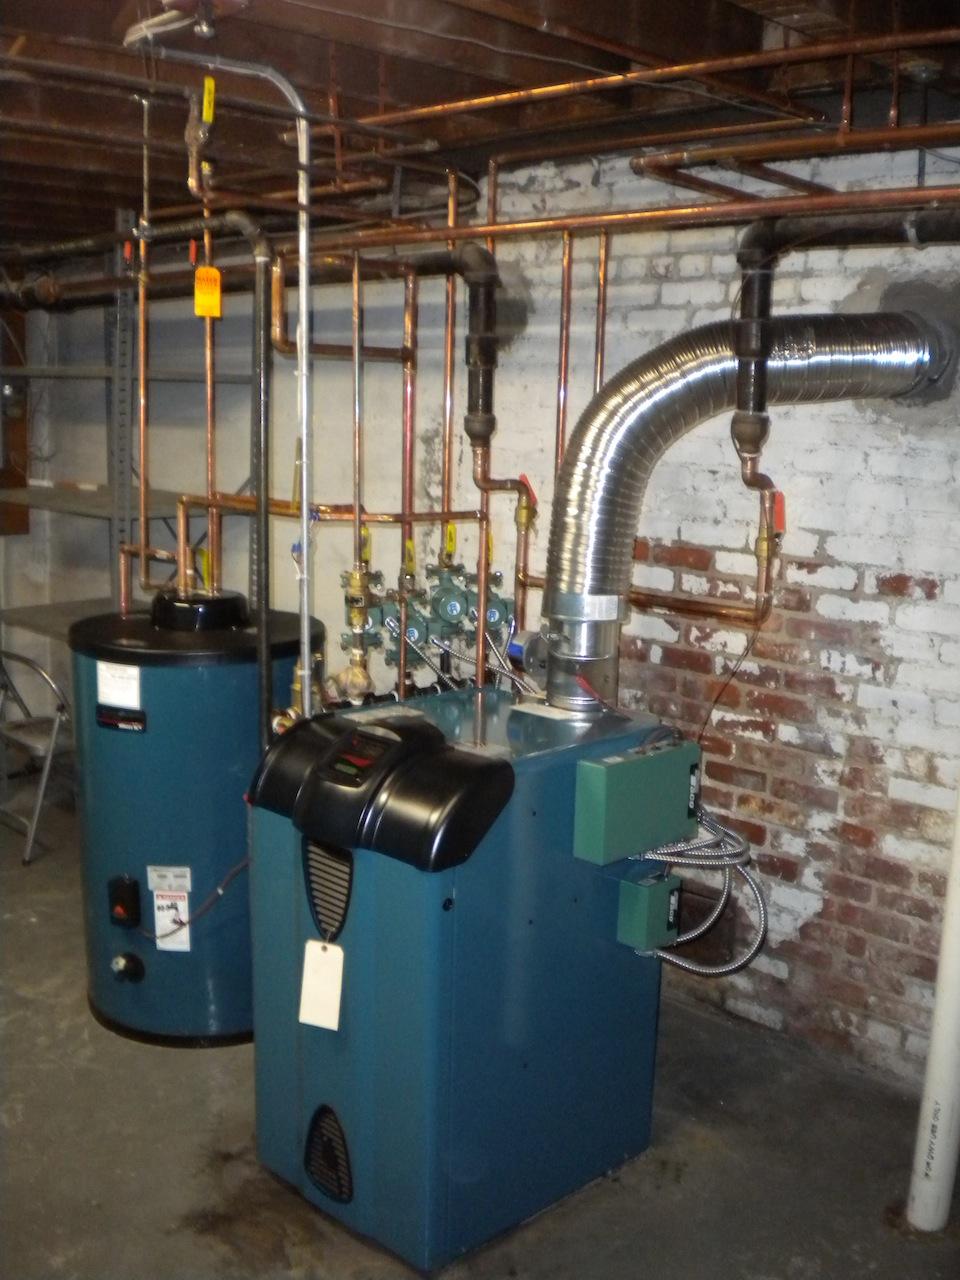 hight resolution of pictures of burnham oil boiler